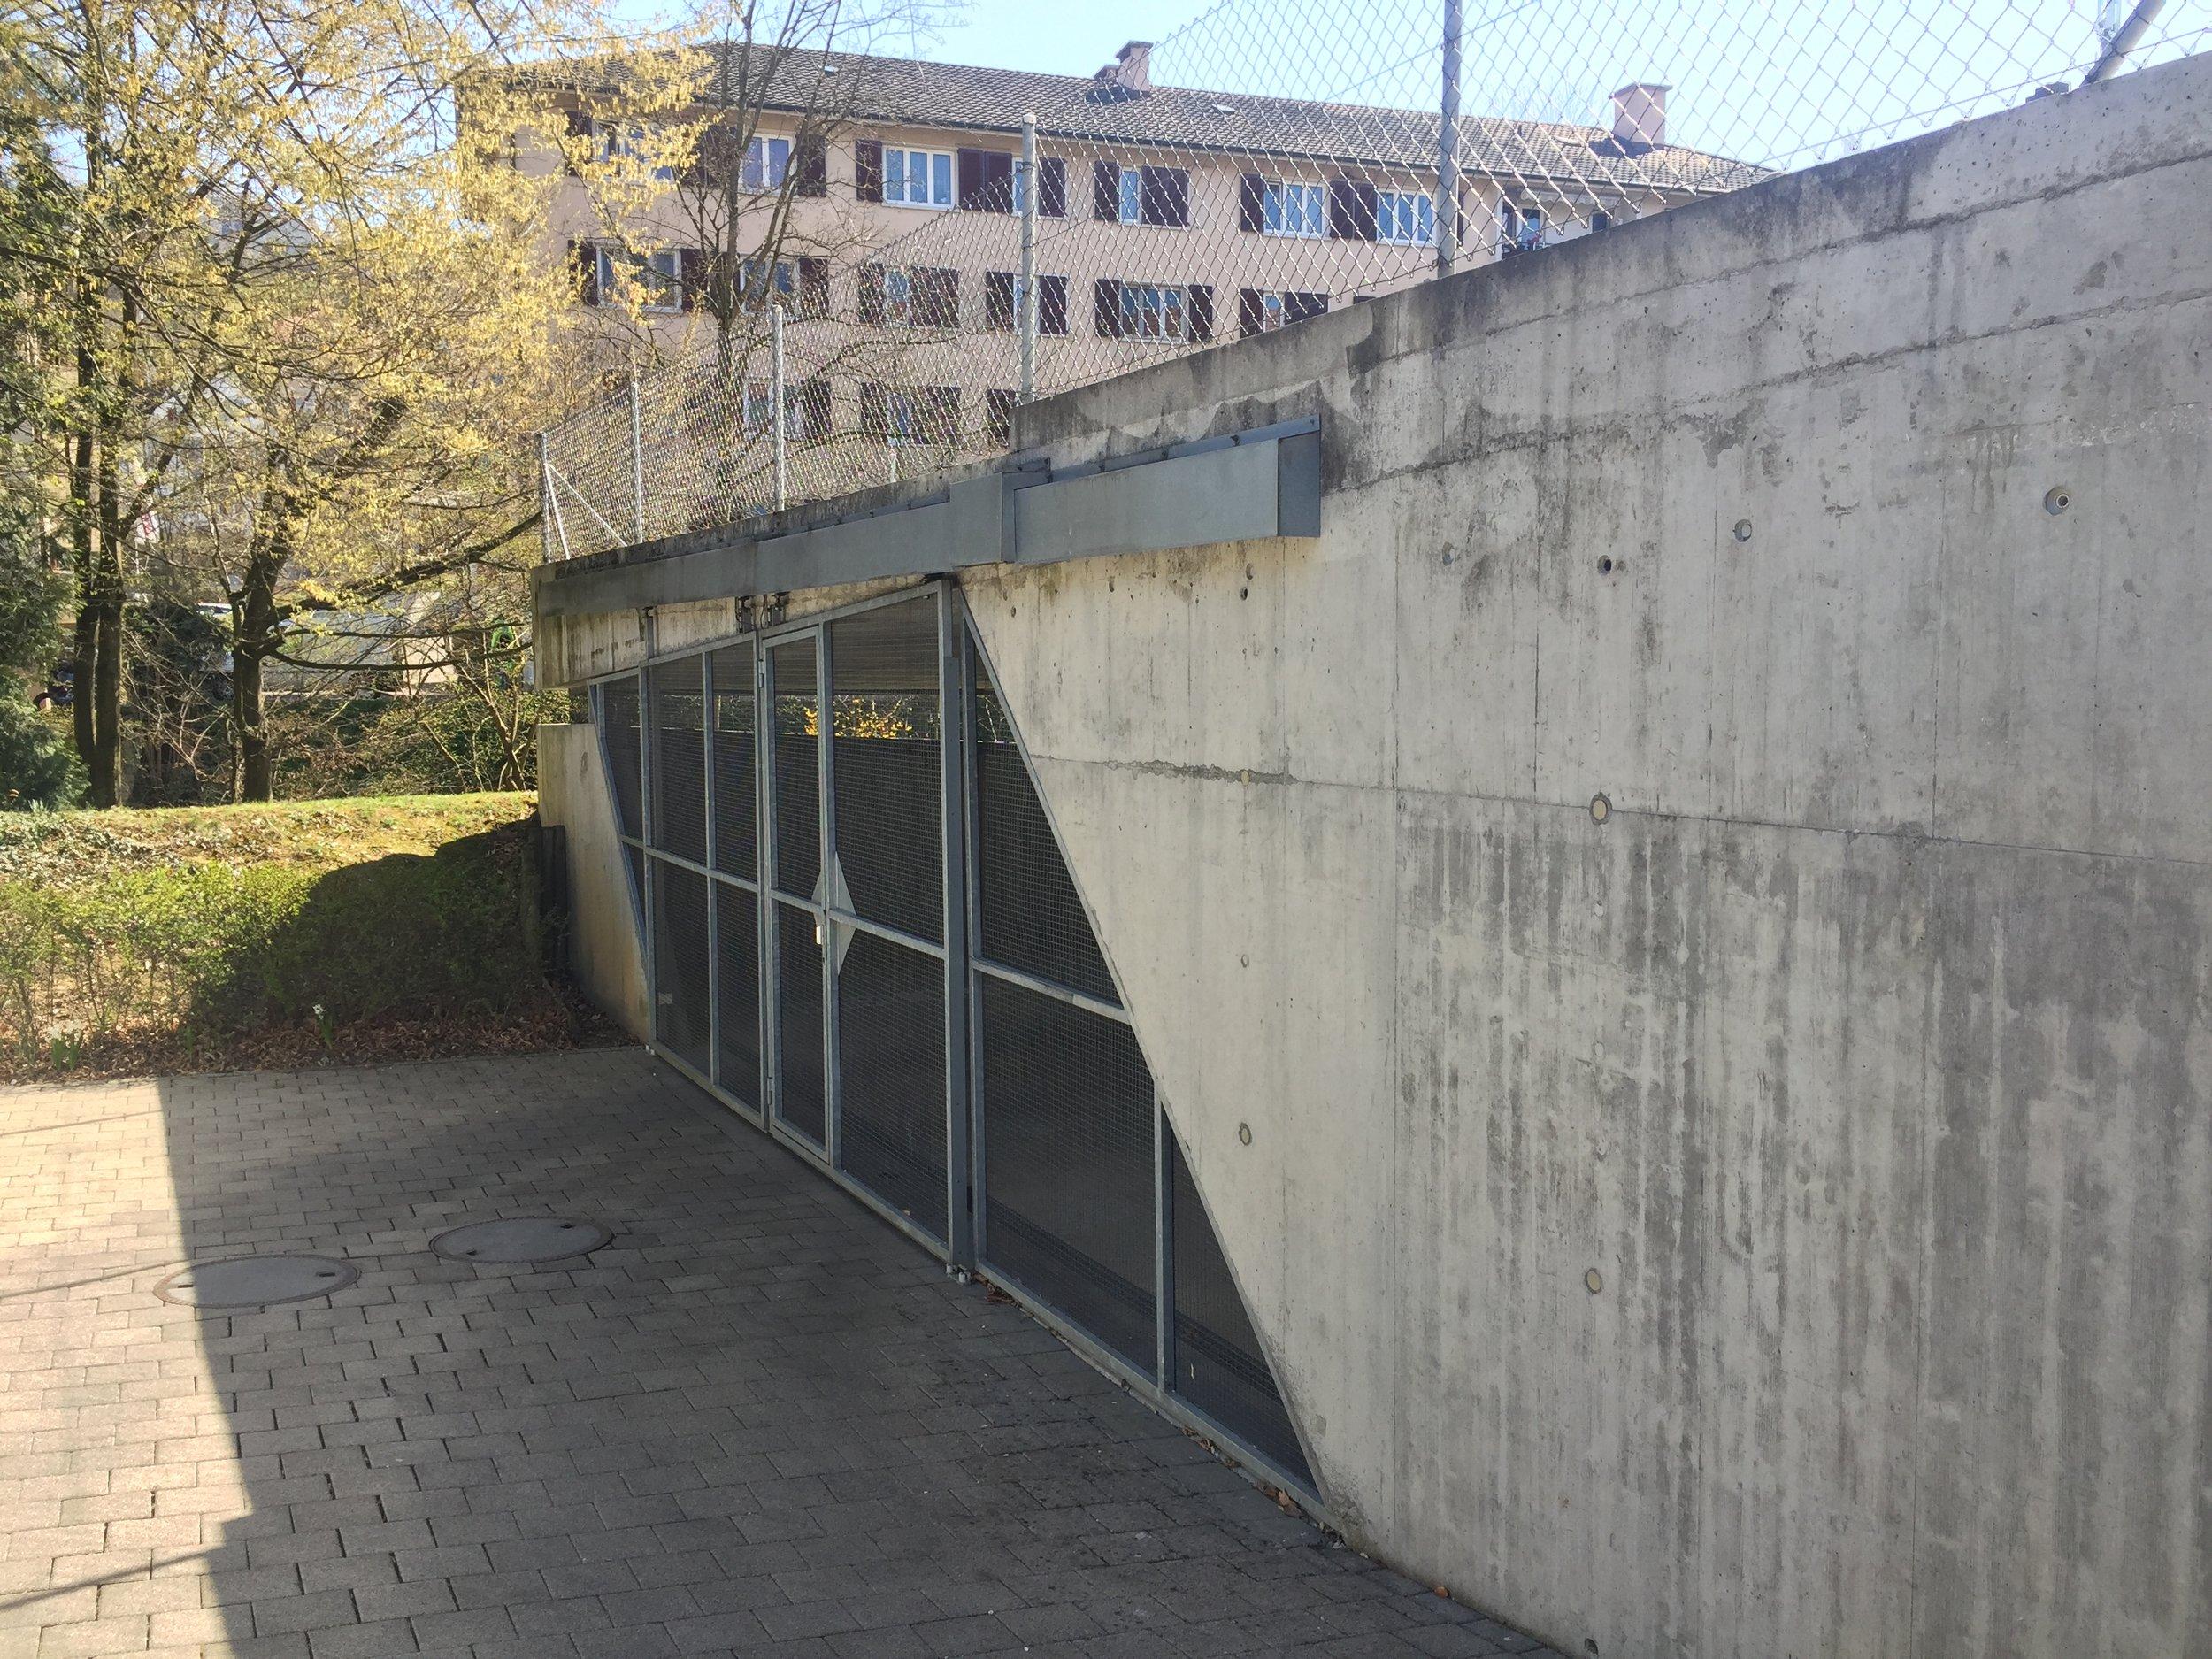 Aussenaufhängung Schiebetor Lötscher.JPG